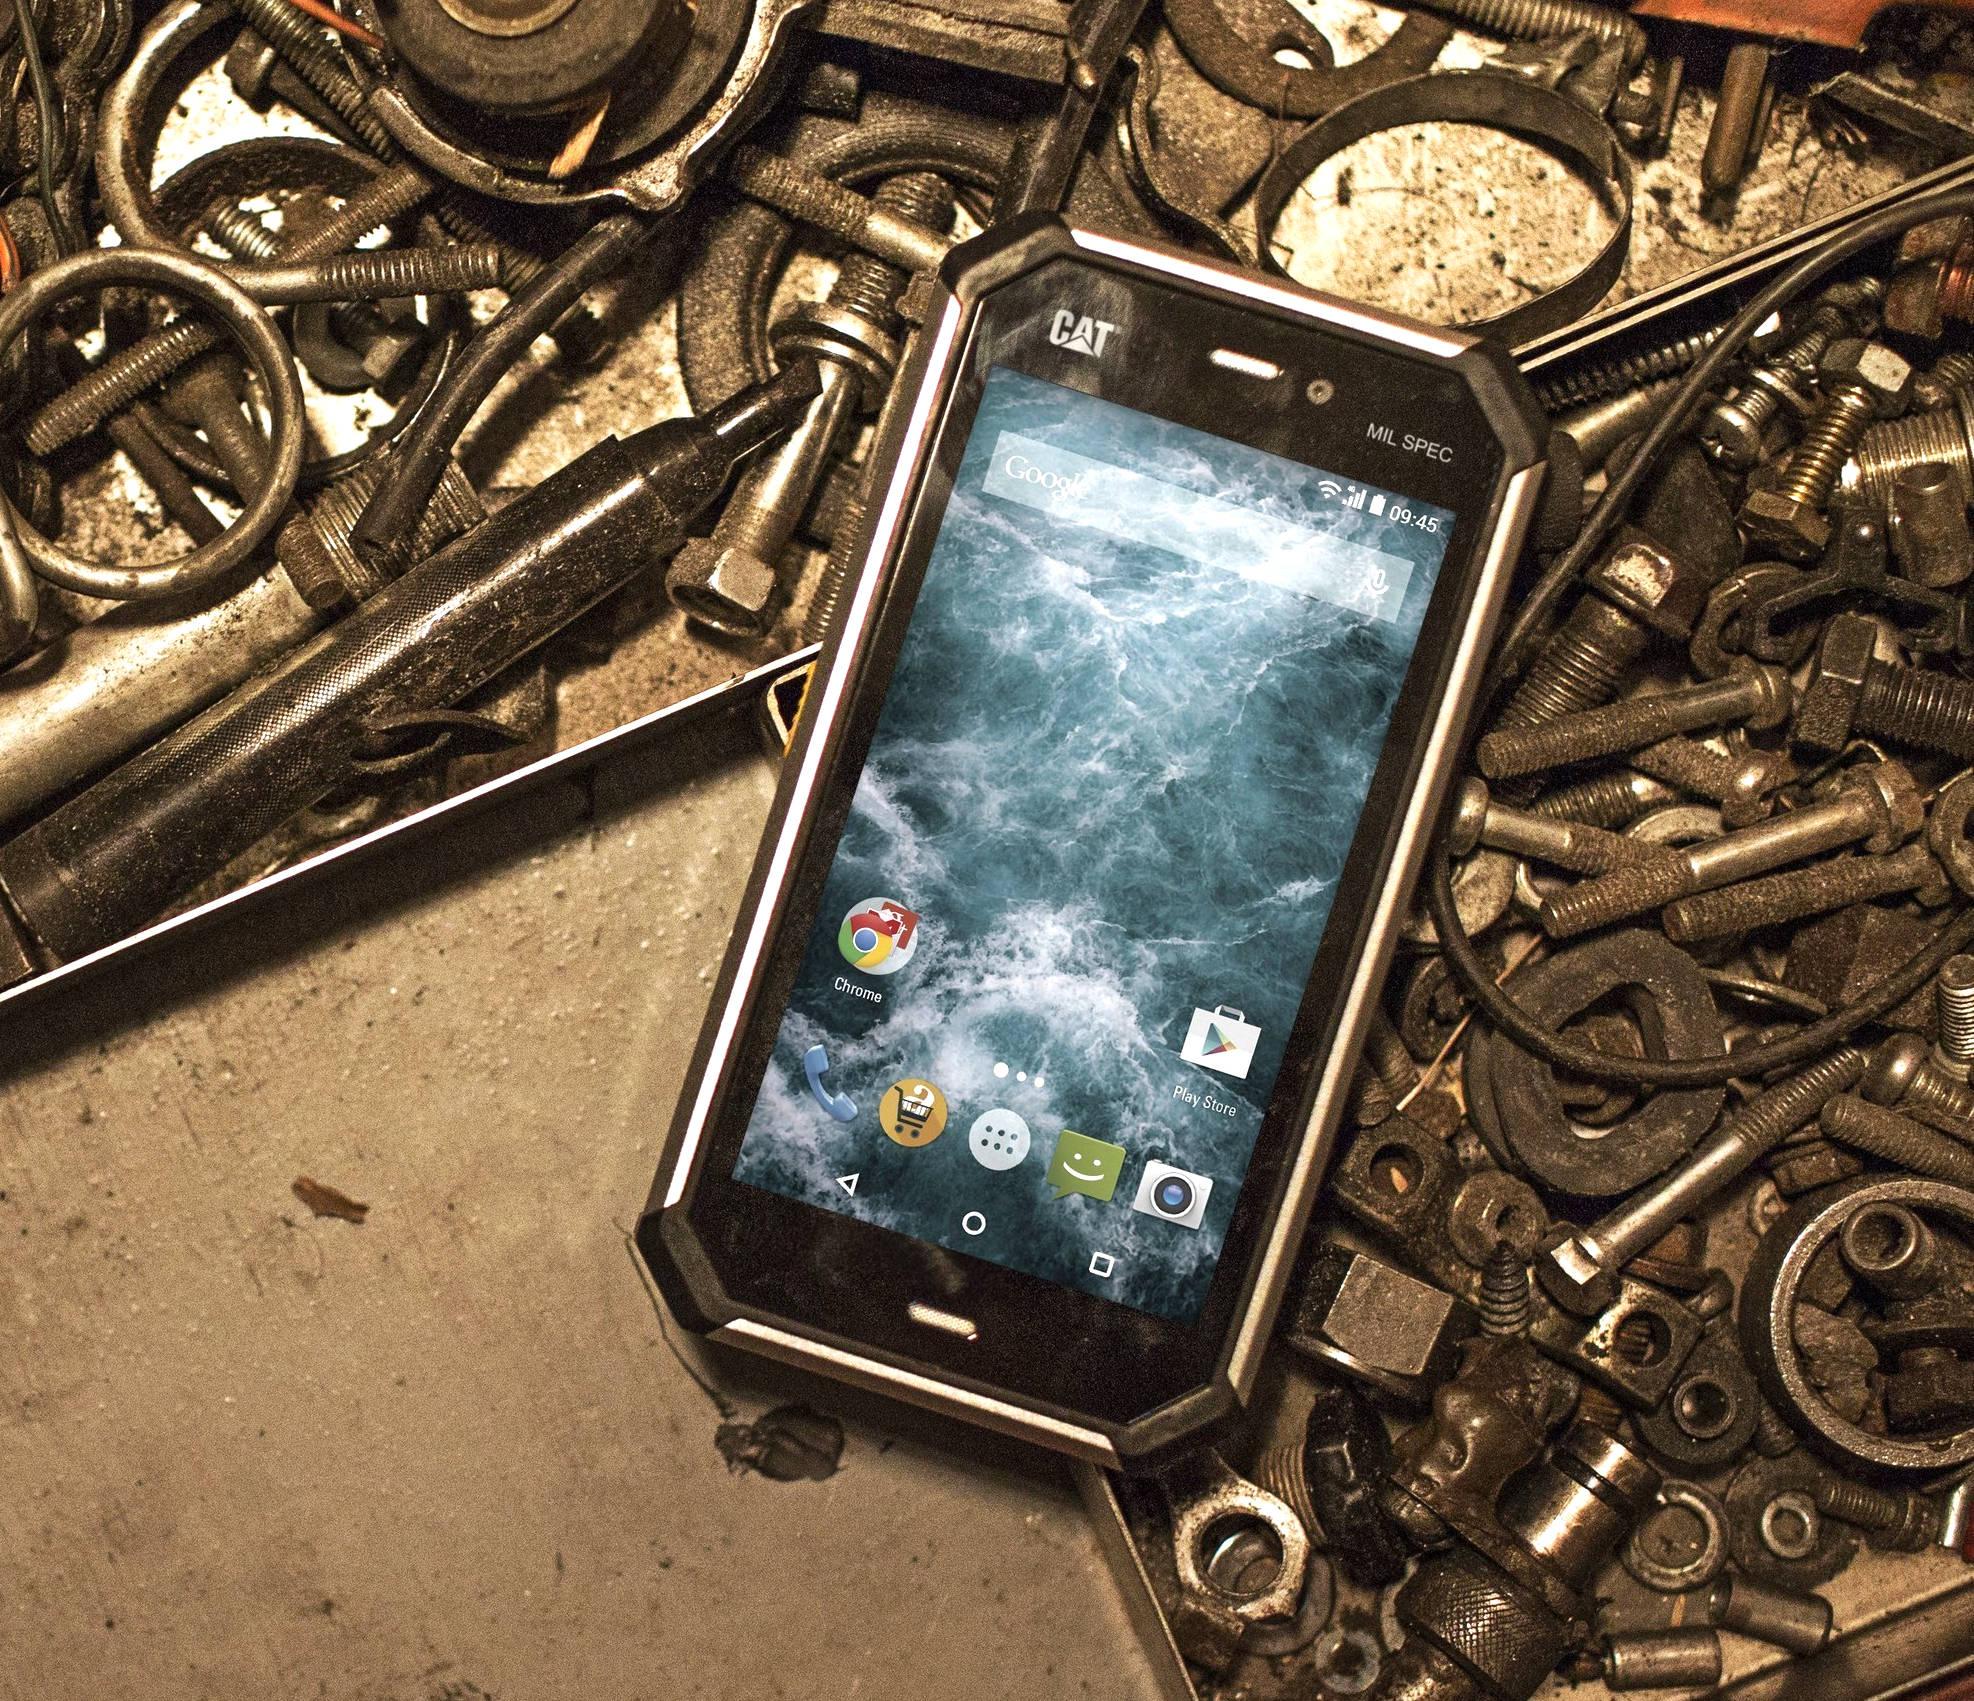 Wzmocniony smartfon IP68: na co zwracać uwagę podczas zakupu